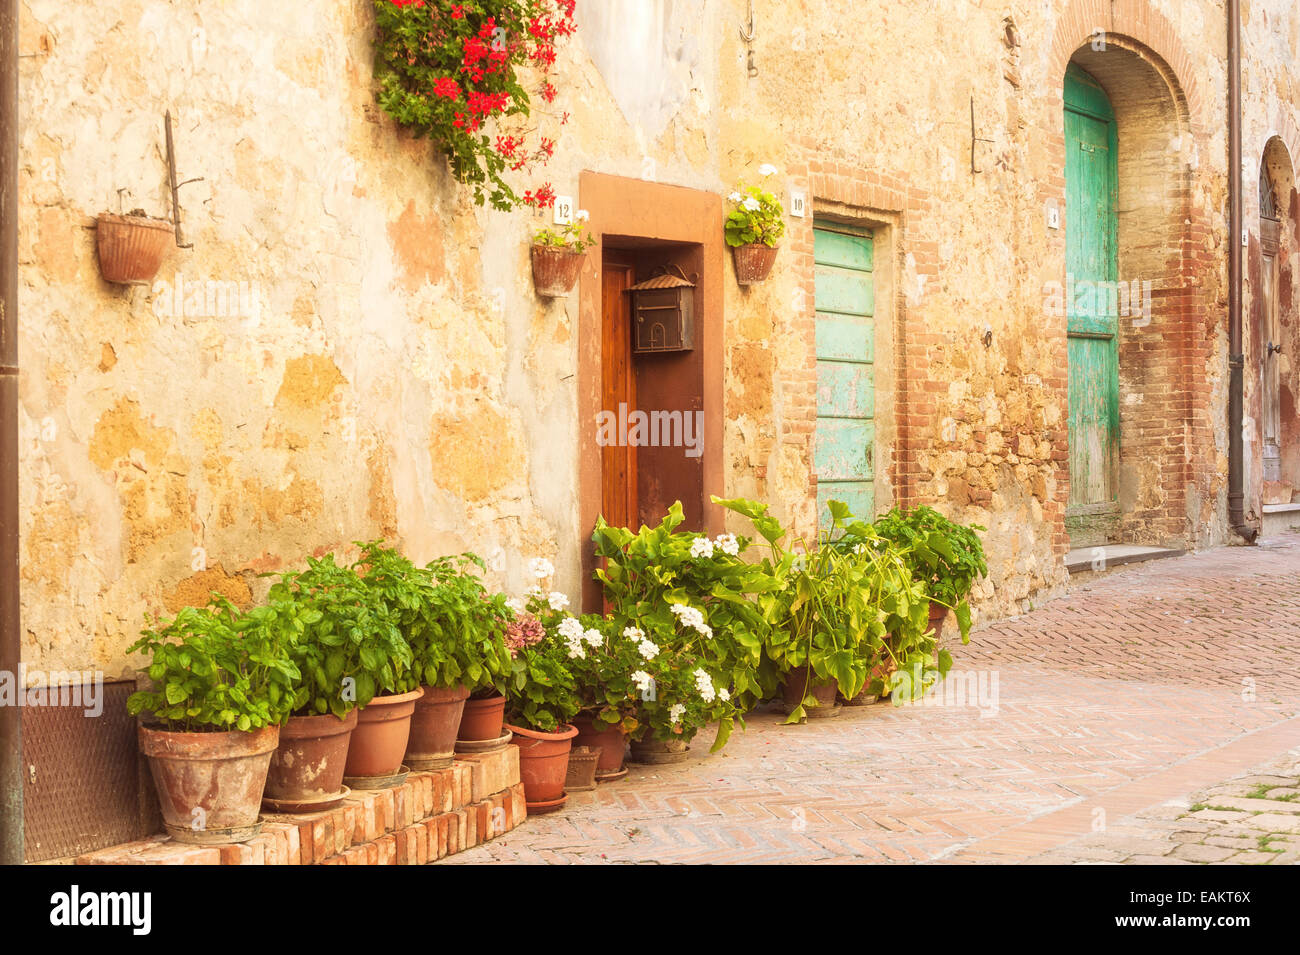 Les rues ensoleillées de la ville italienne de Toscane Pienza Photo Stock